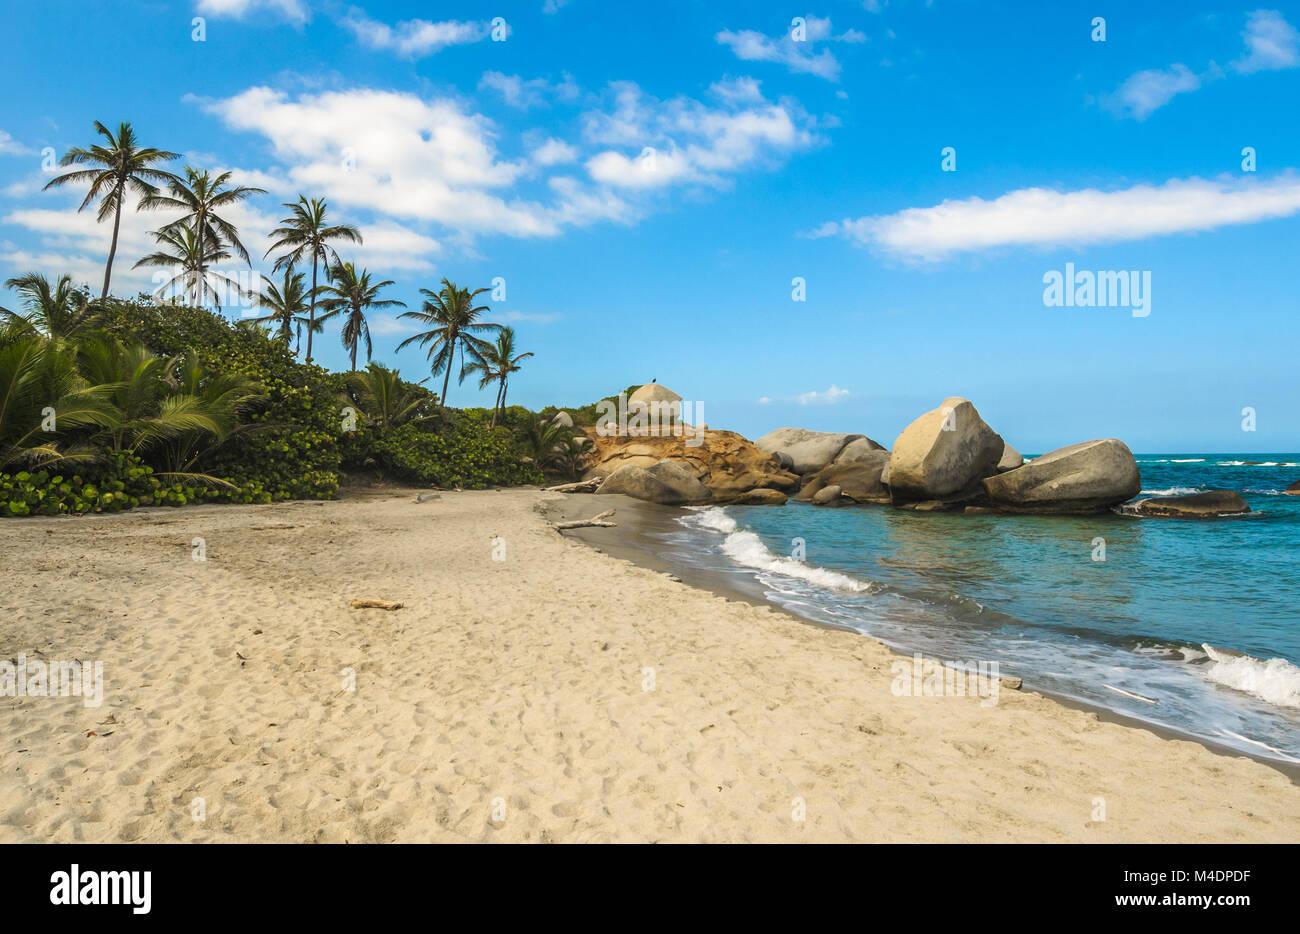 Arrecifes Playa, Parque Nacional Tayrona, Colombia Imagen De Stock